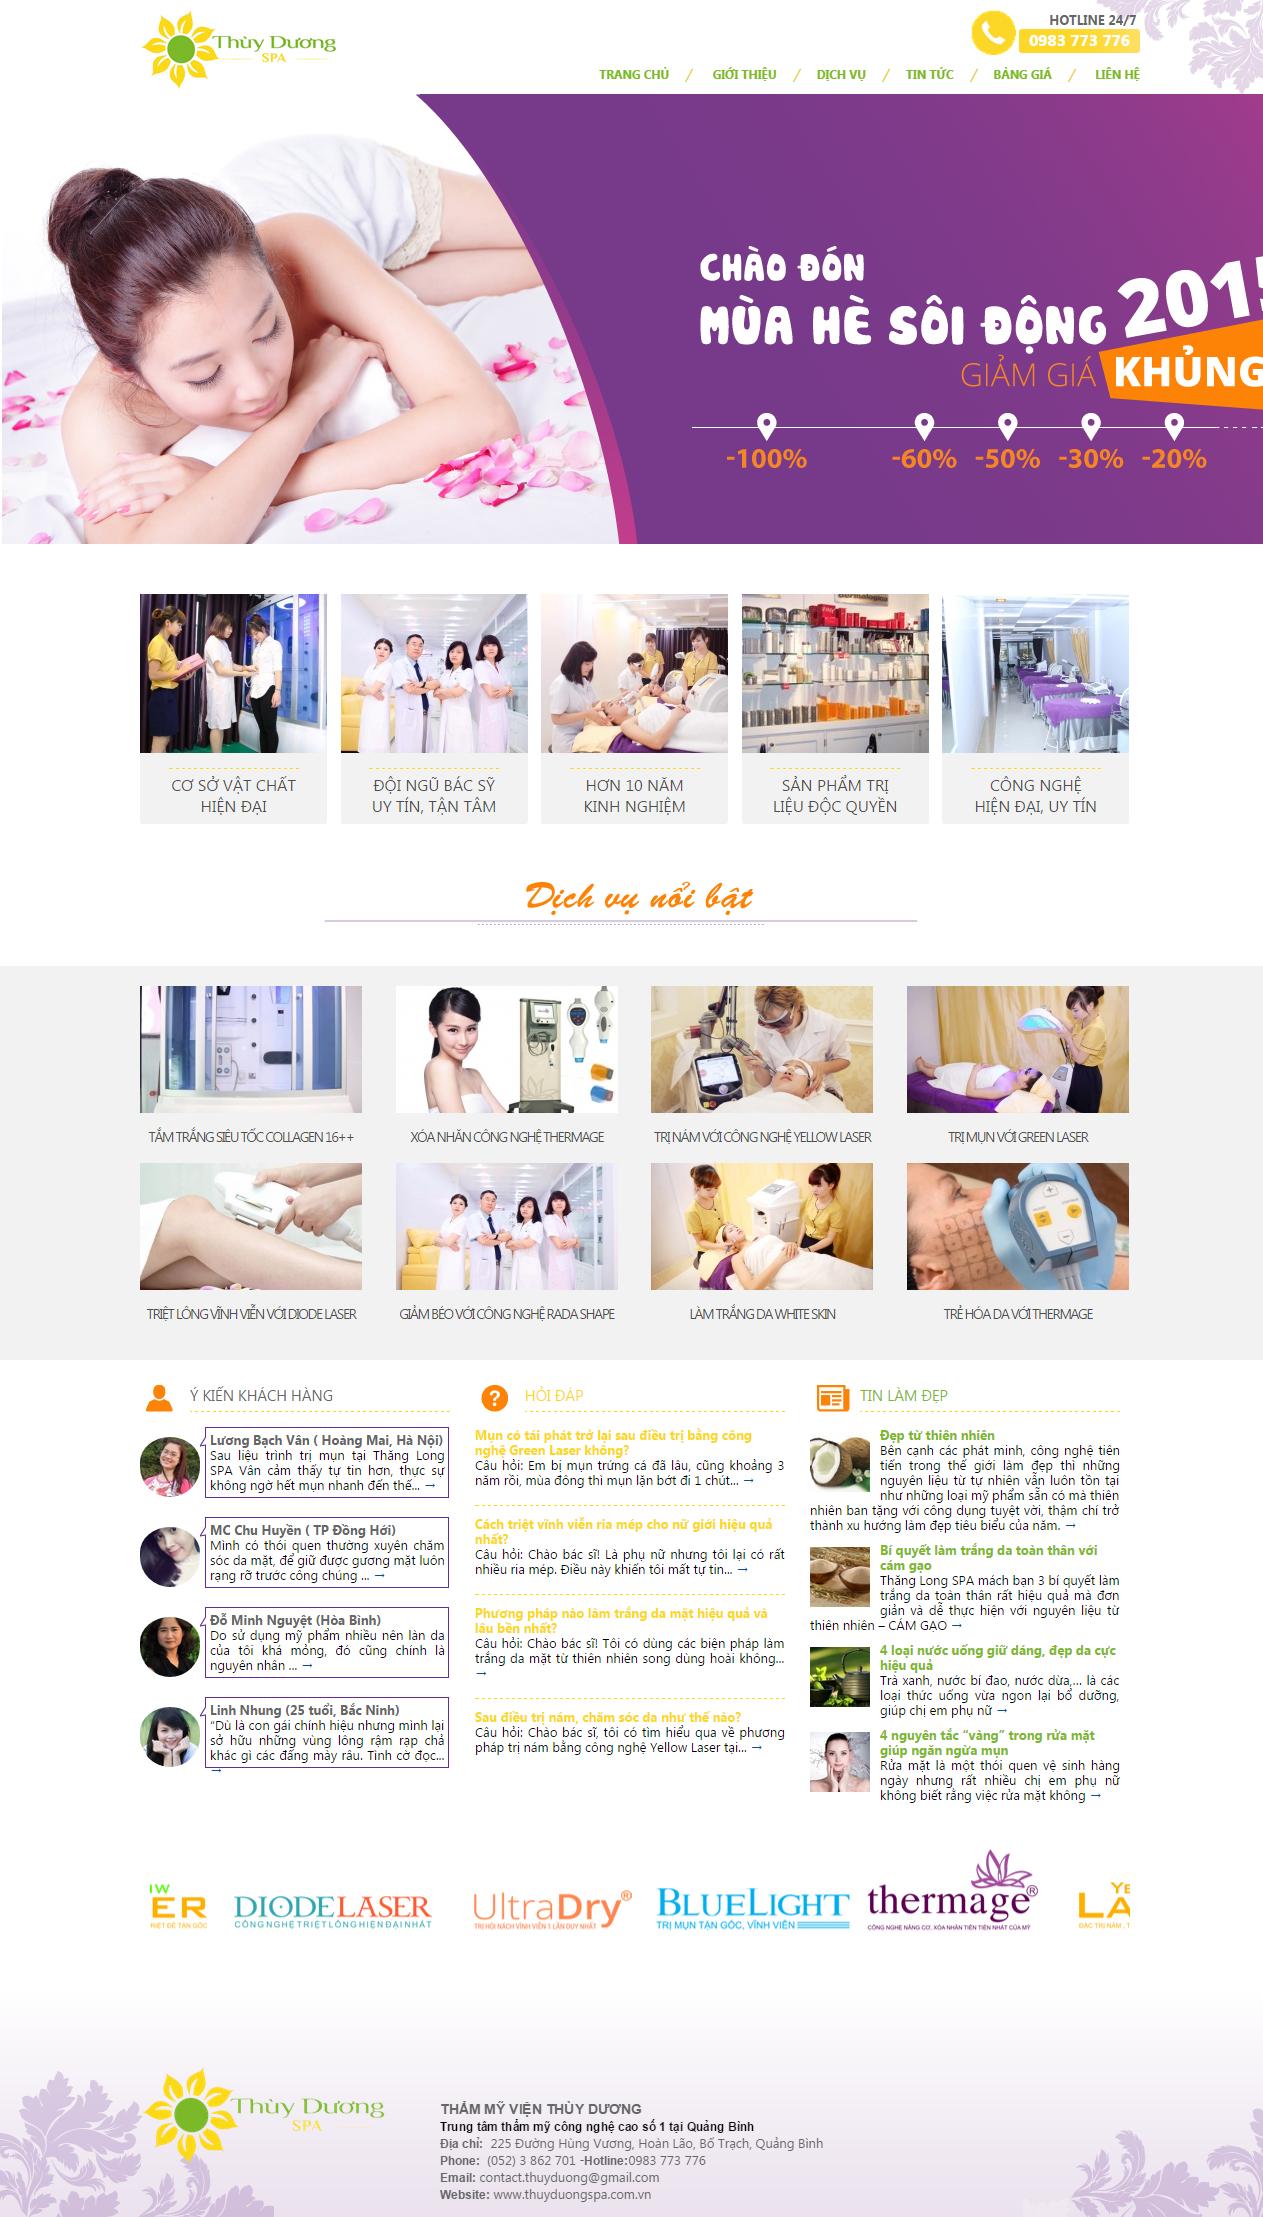 Thiết kế web giá rẻ làm đẹp, spa